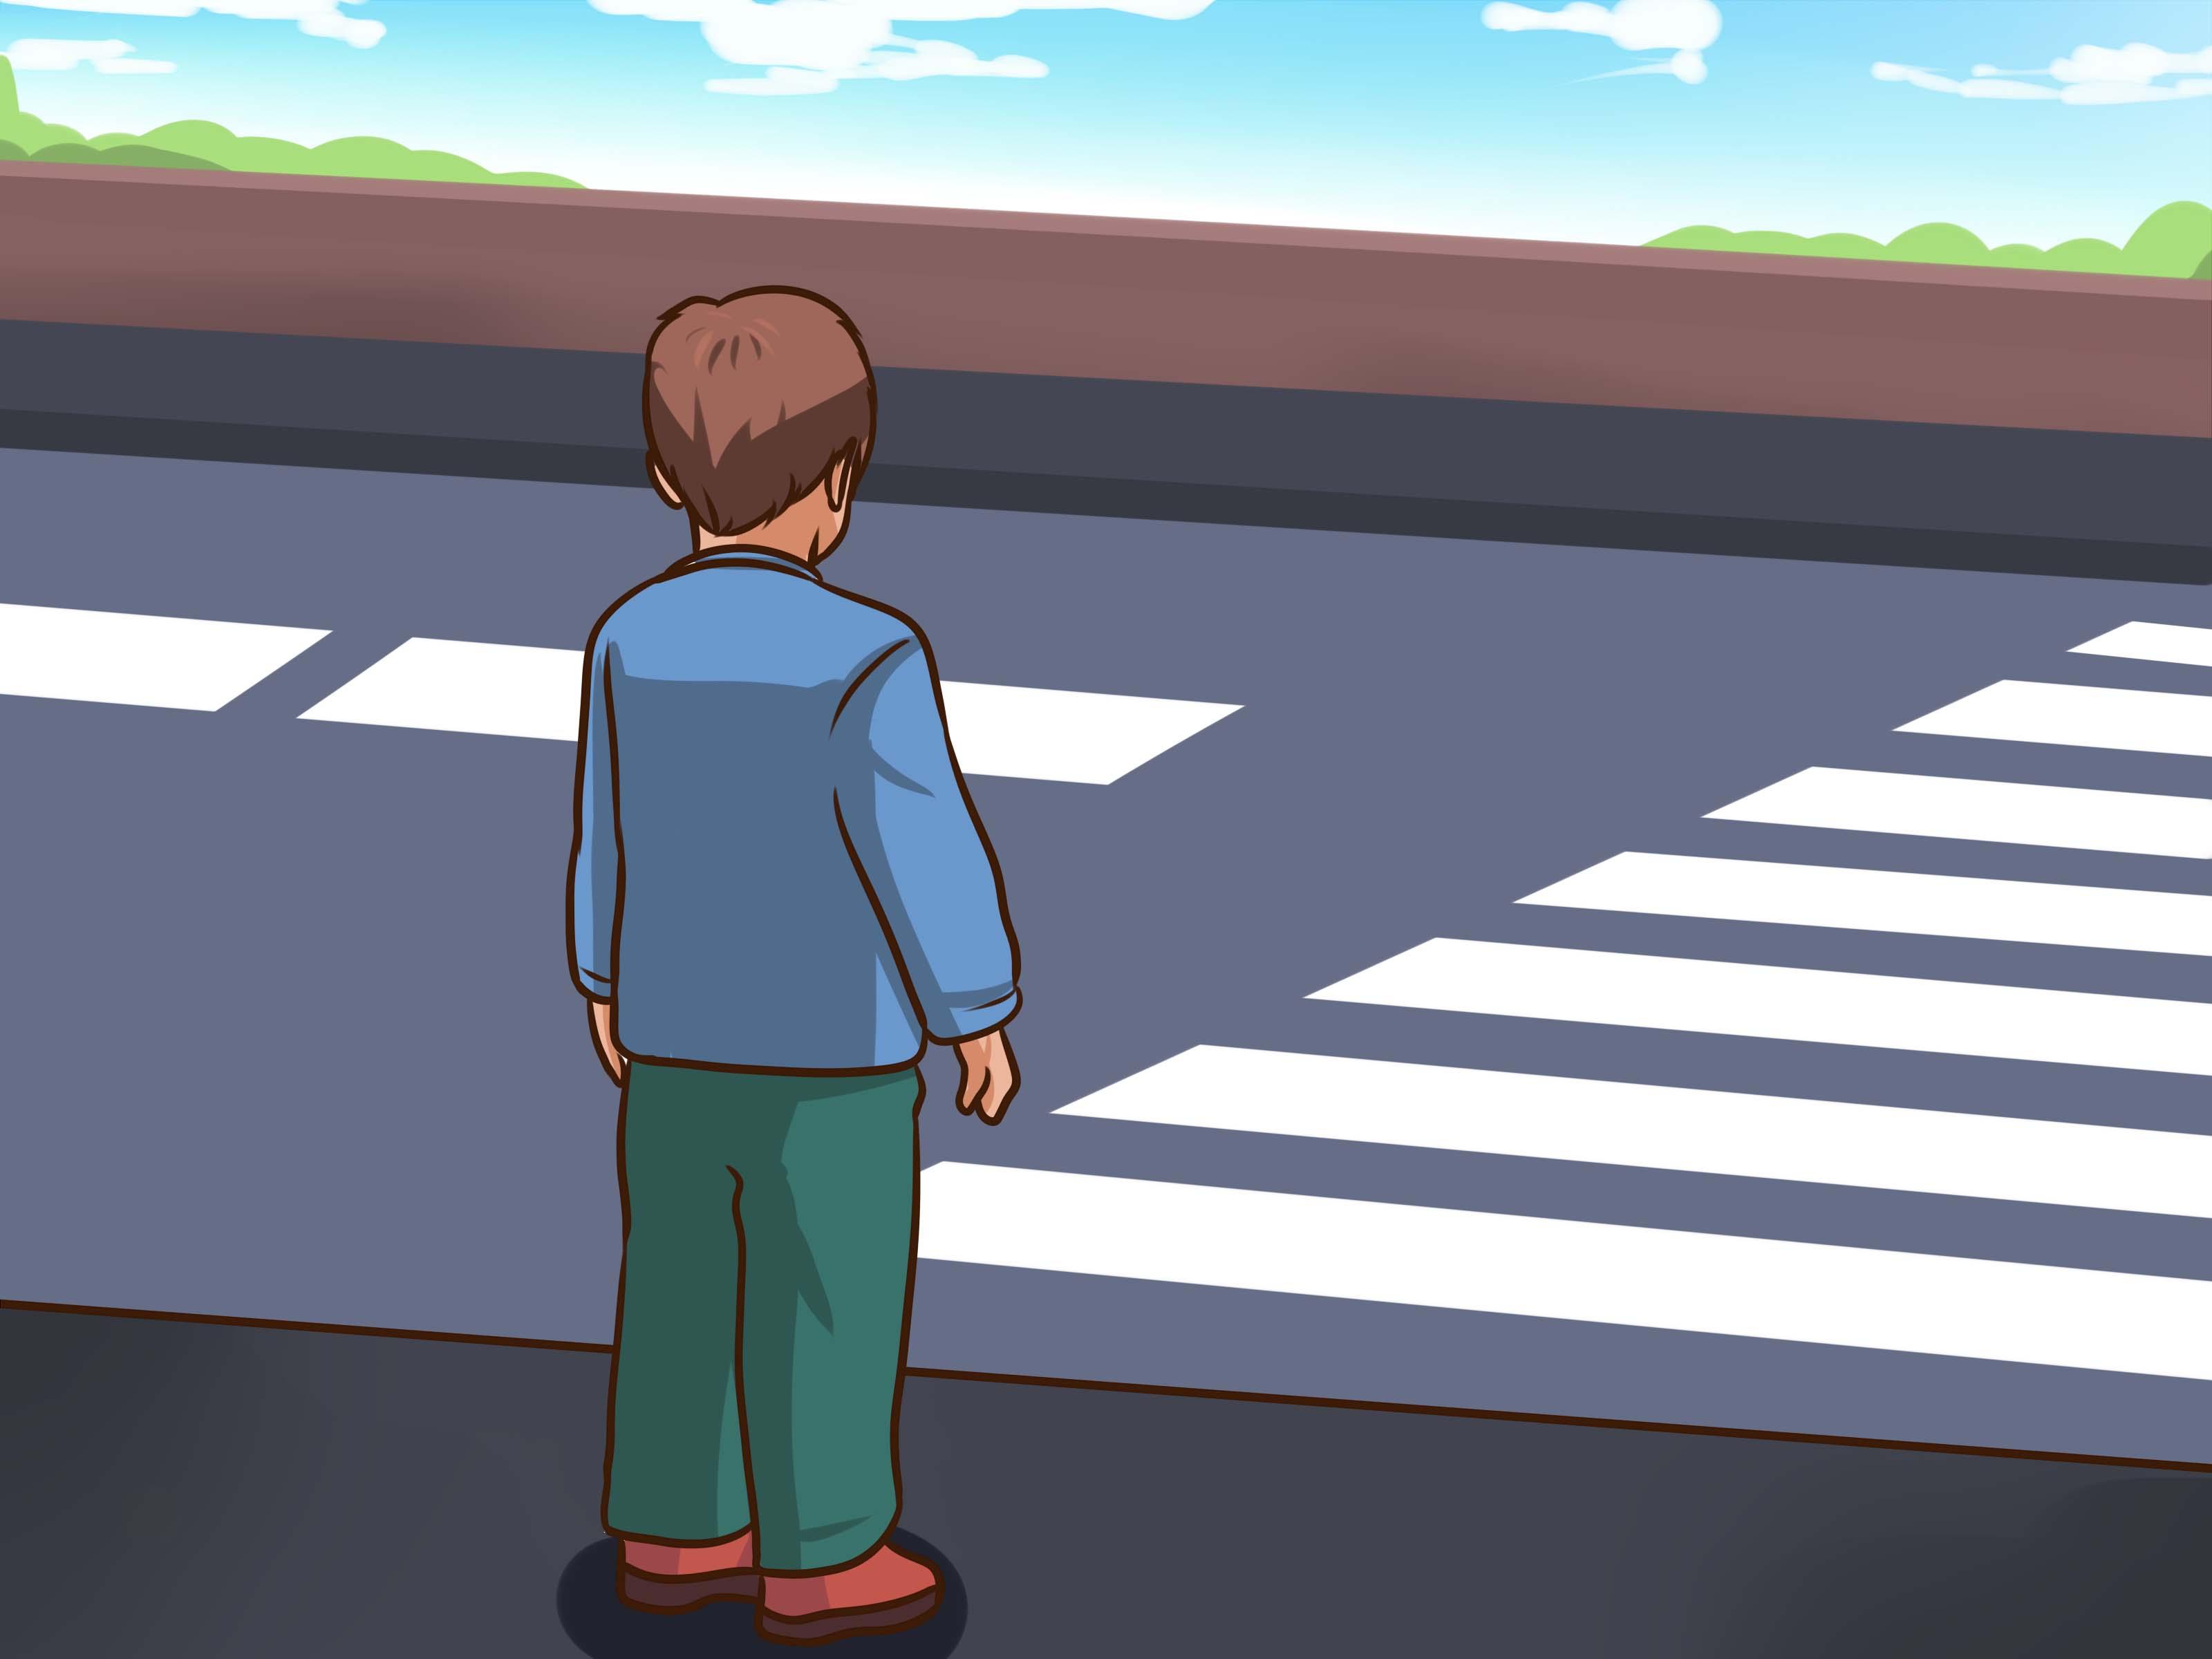 How to Teach Children Basic Street Safety when Walking.